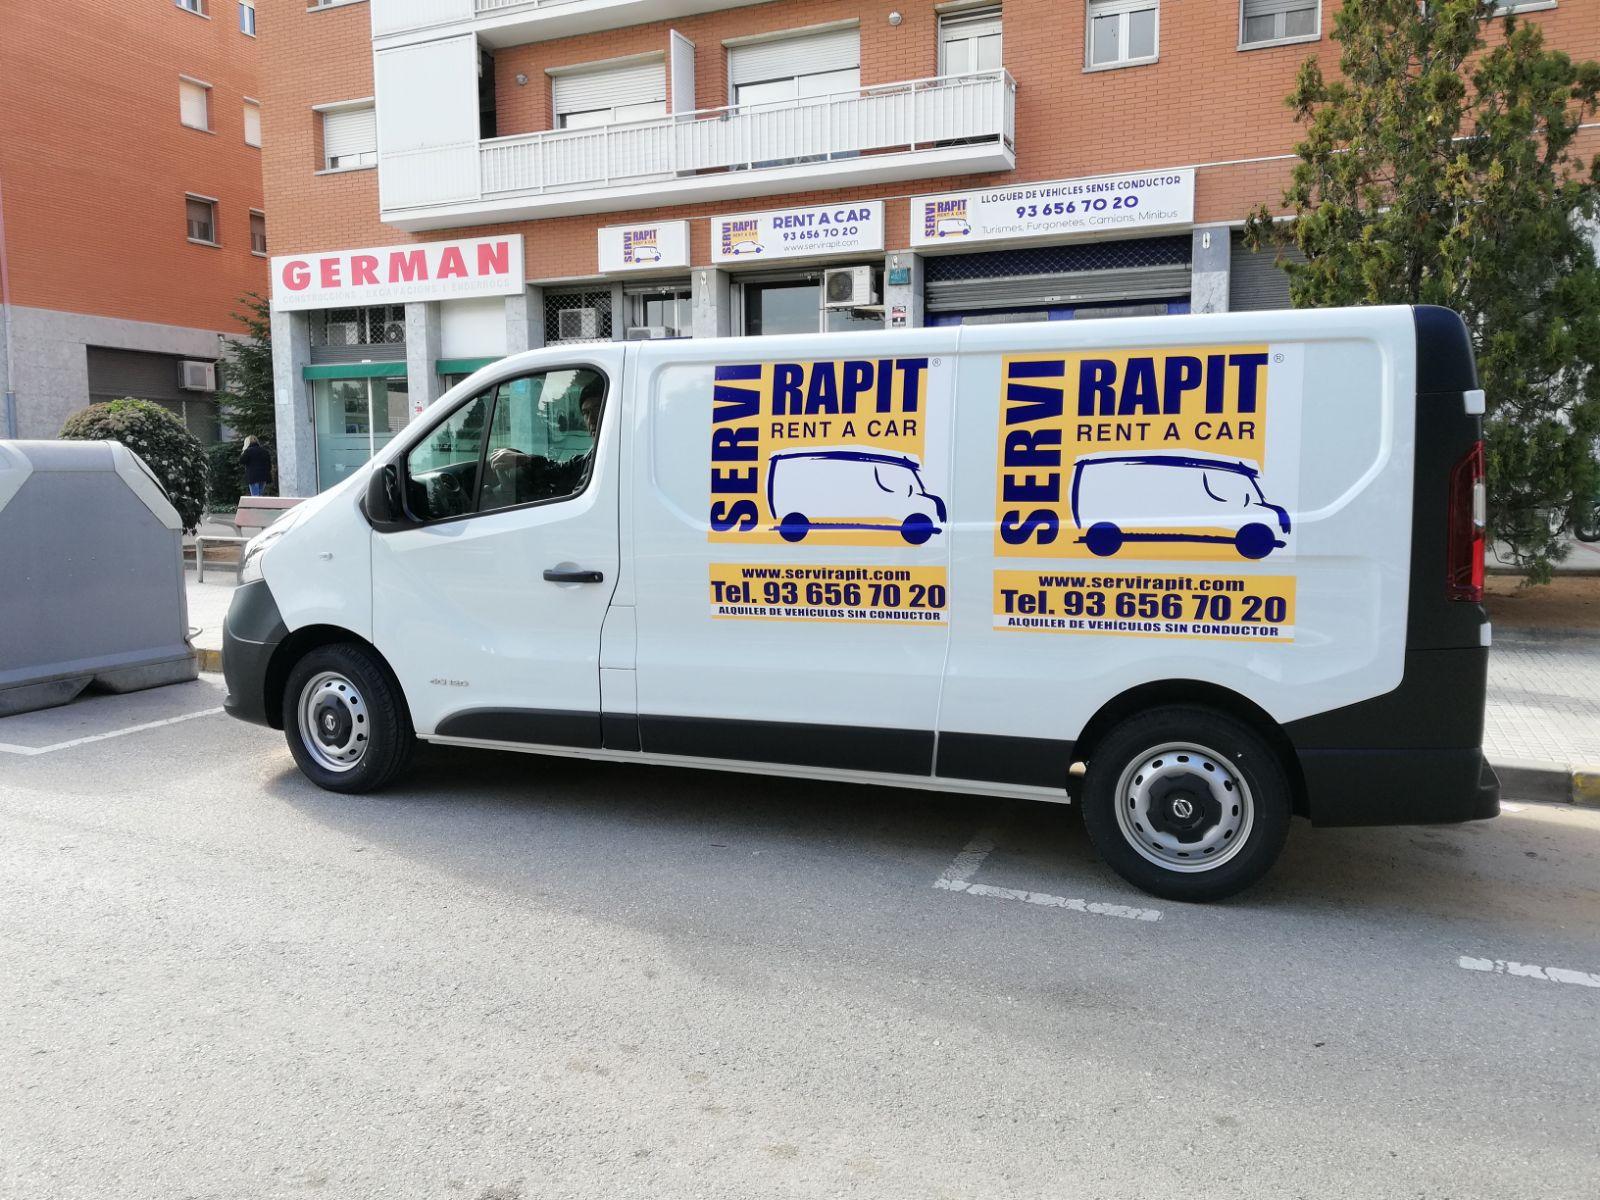 alquilar furgoneta barata